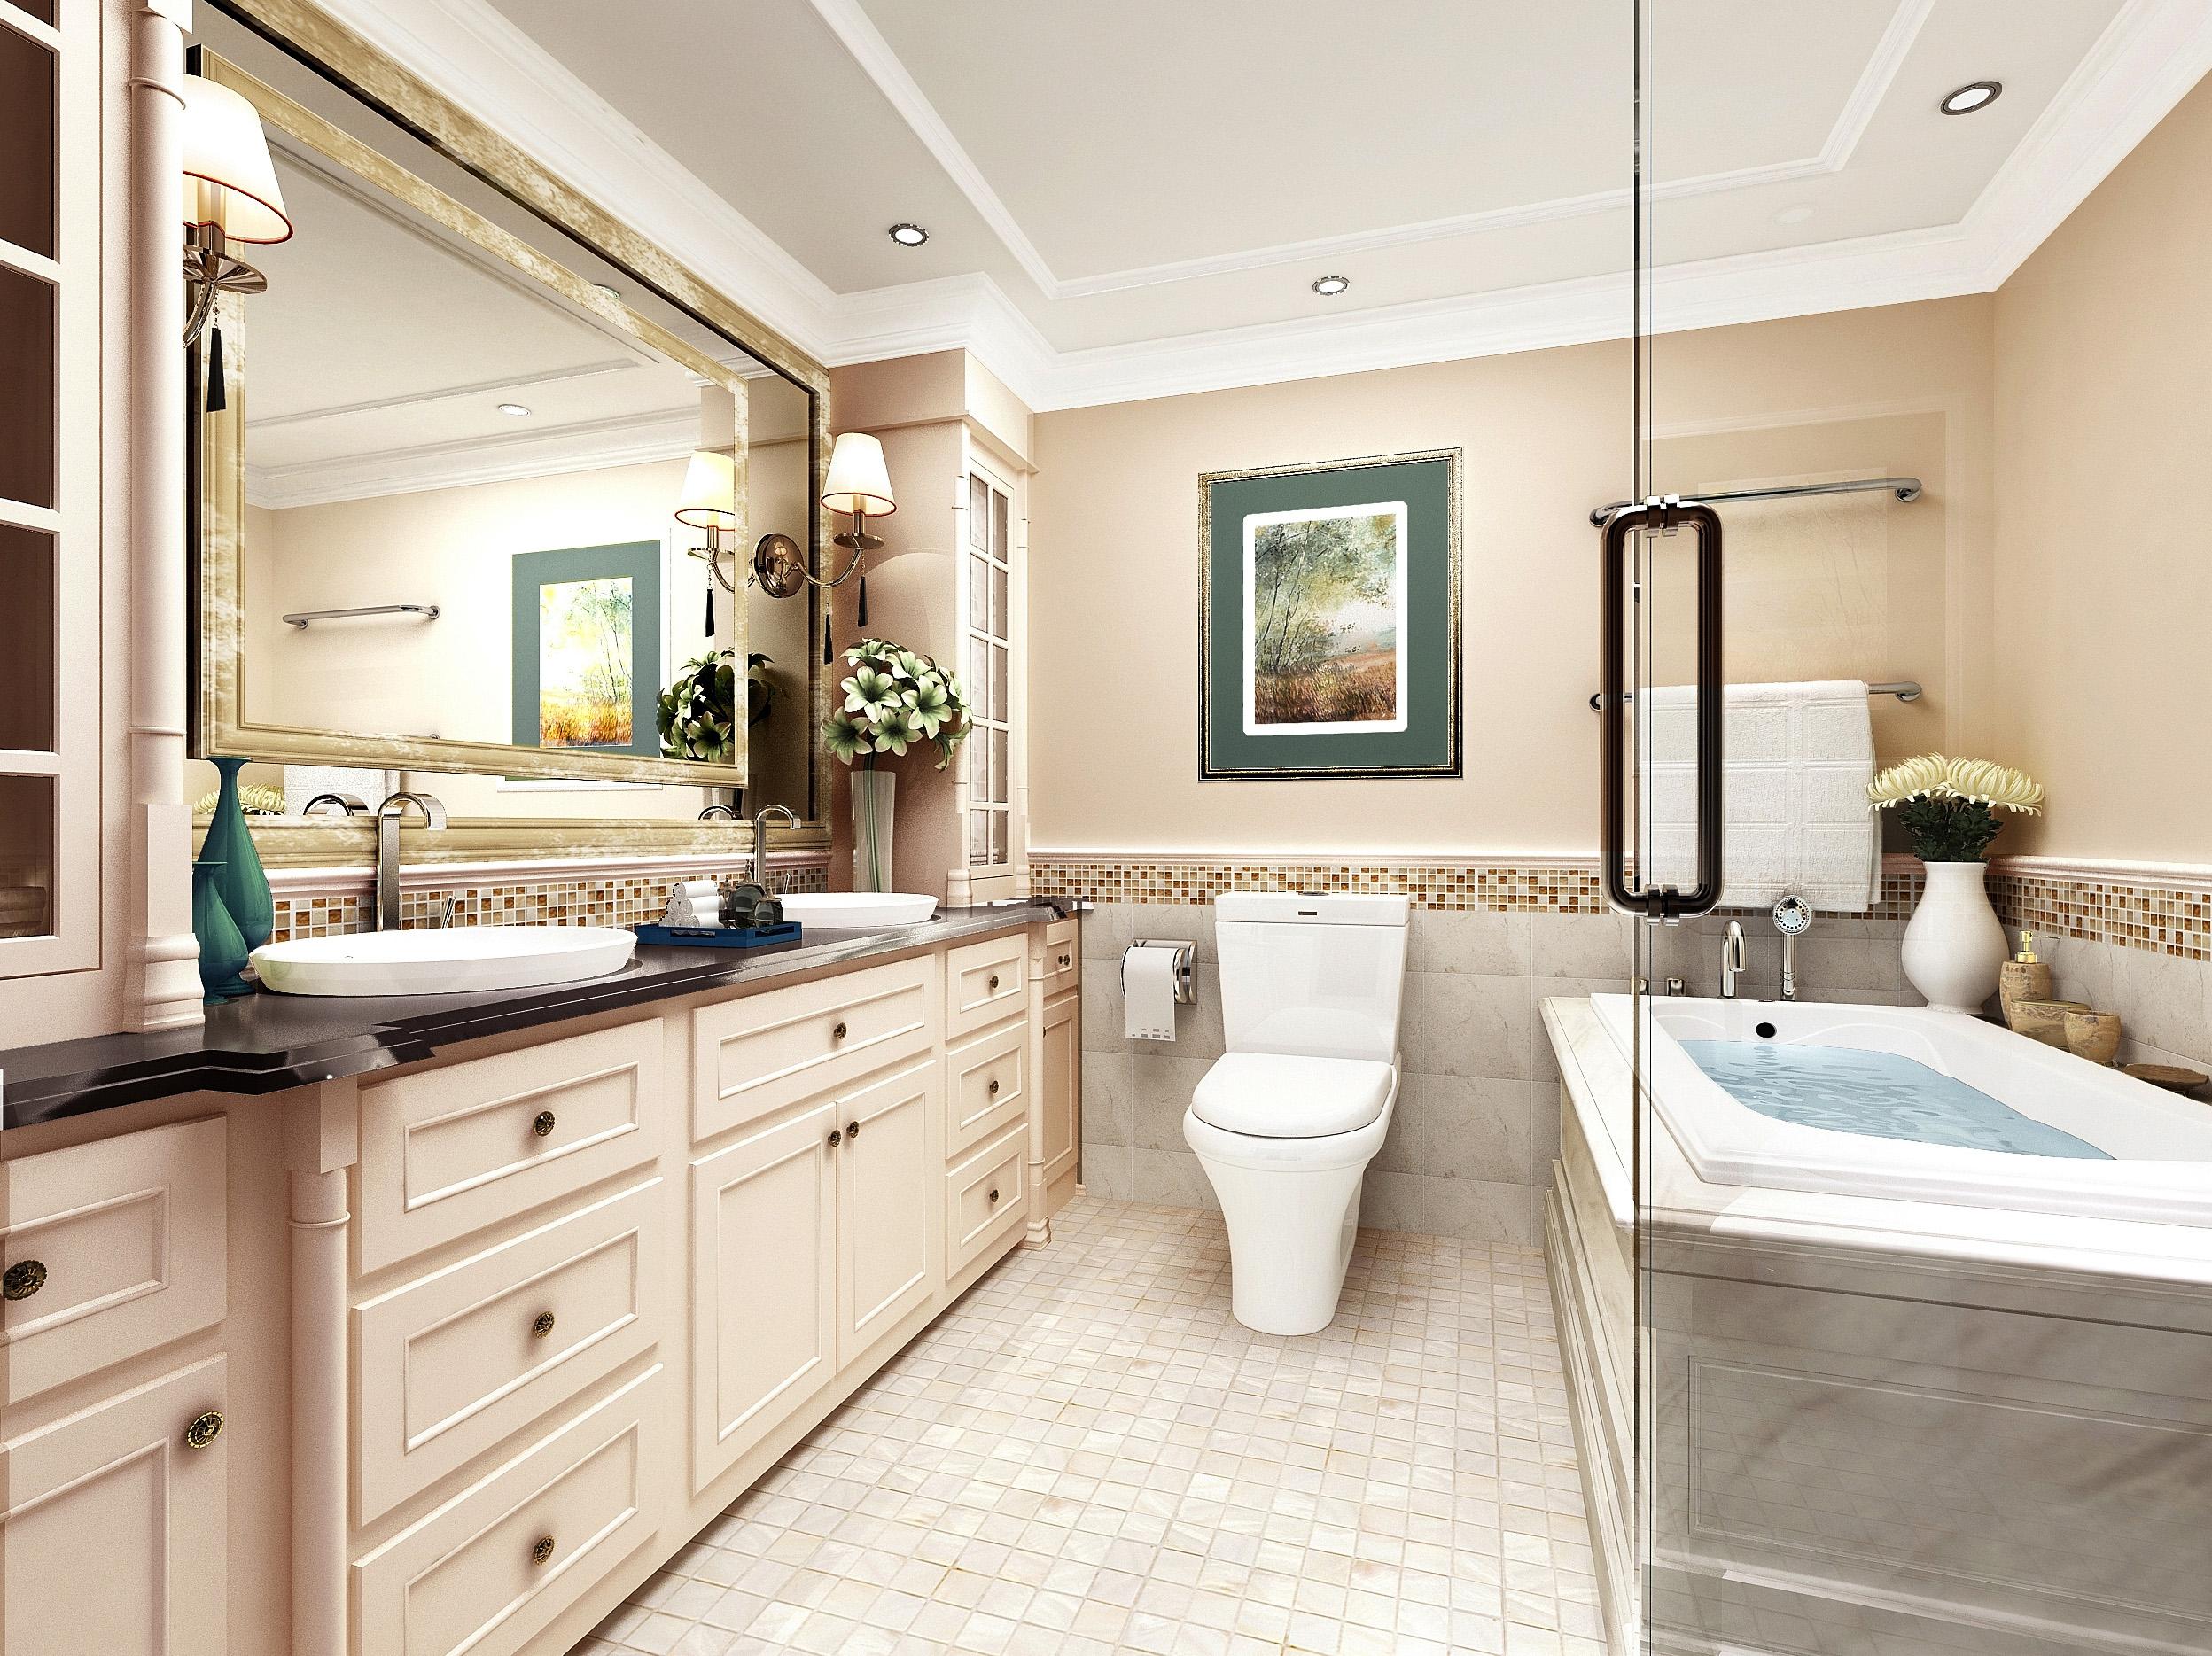 暖色系的现代美式三居室 古典与轻快的基调